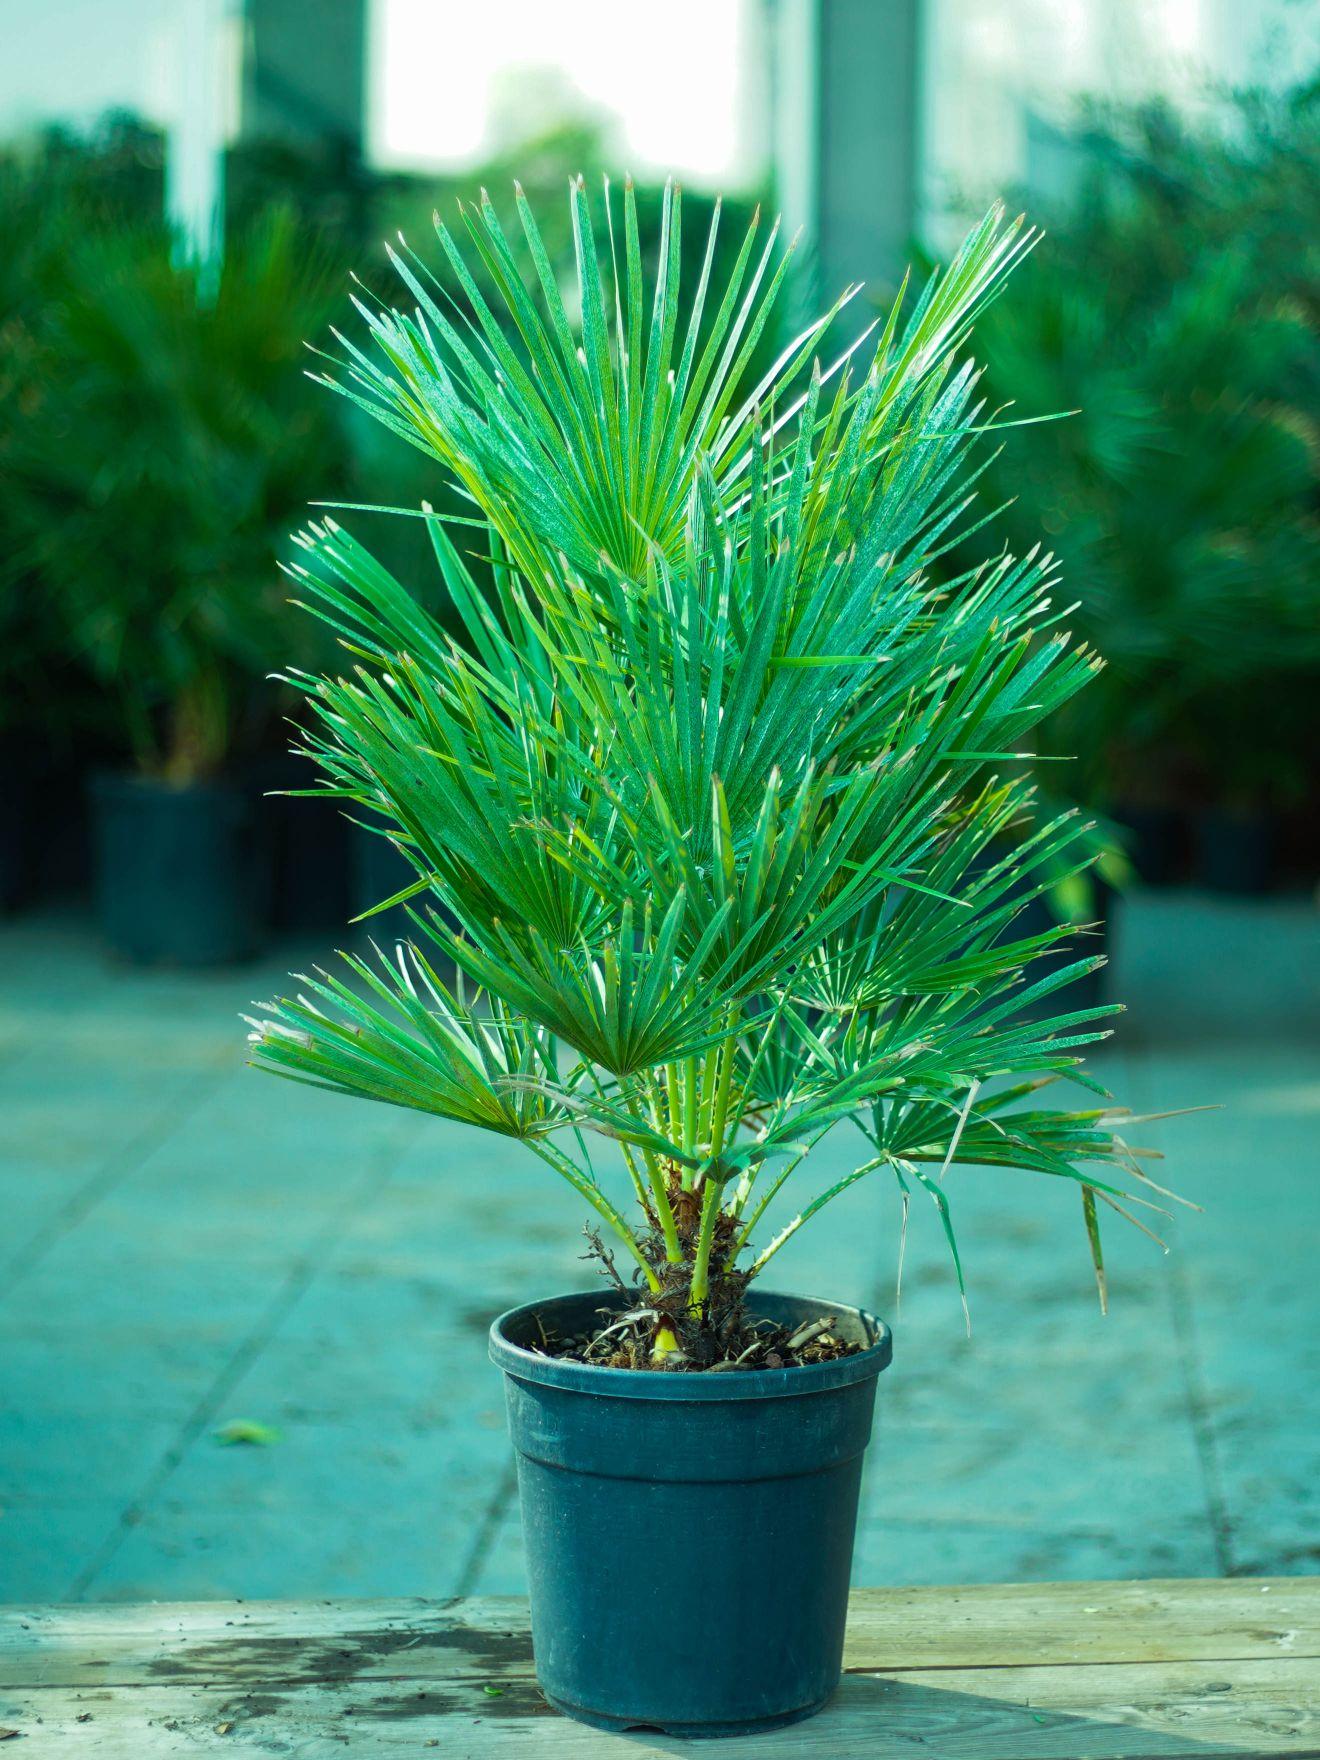 تشاميروبس هوميليس 'نباتات خارجية'